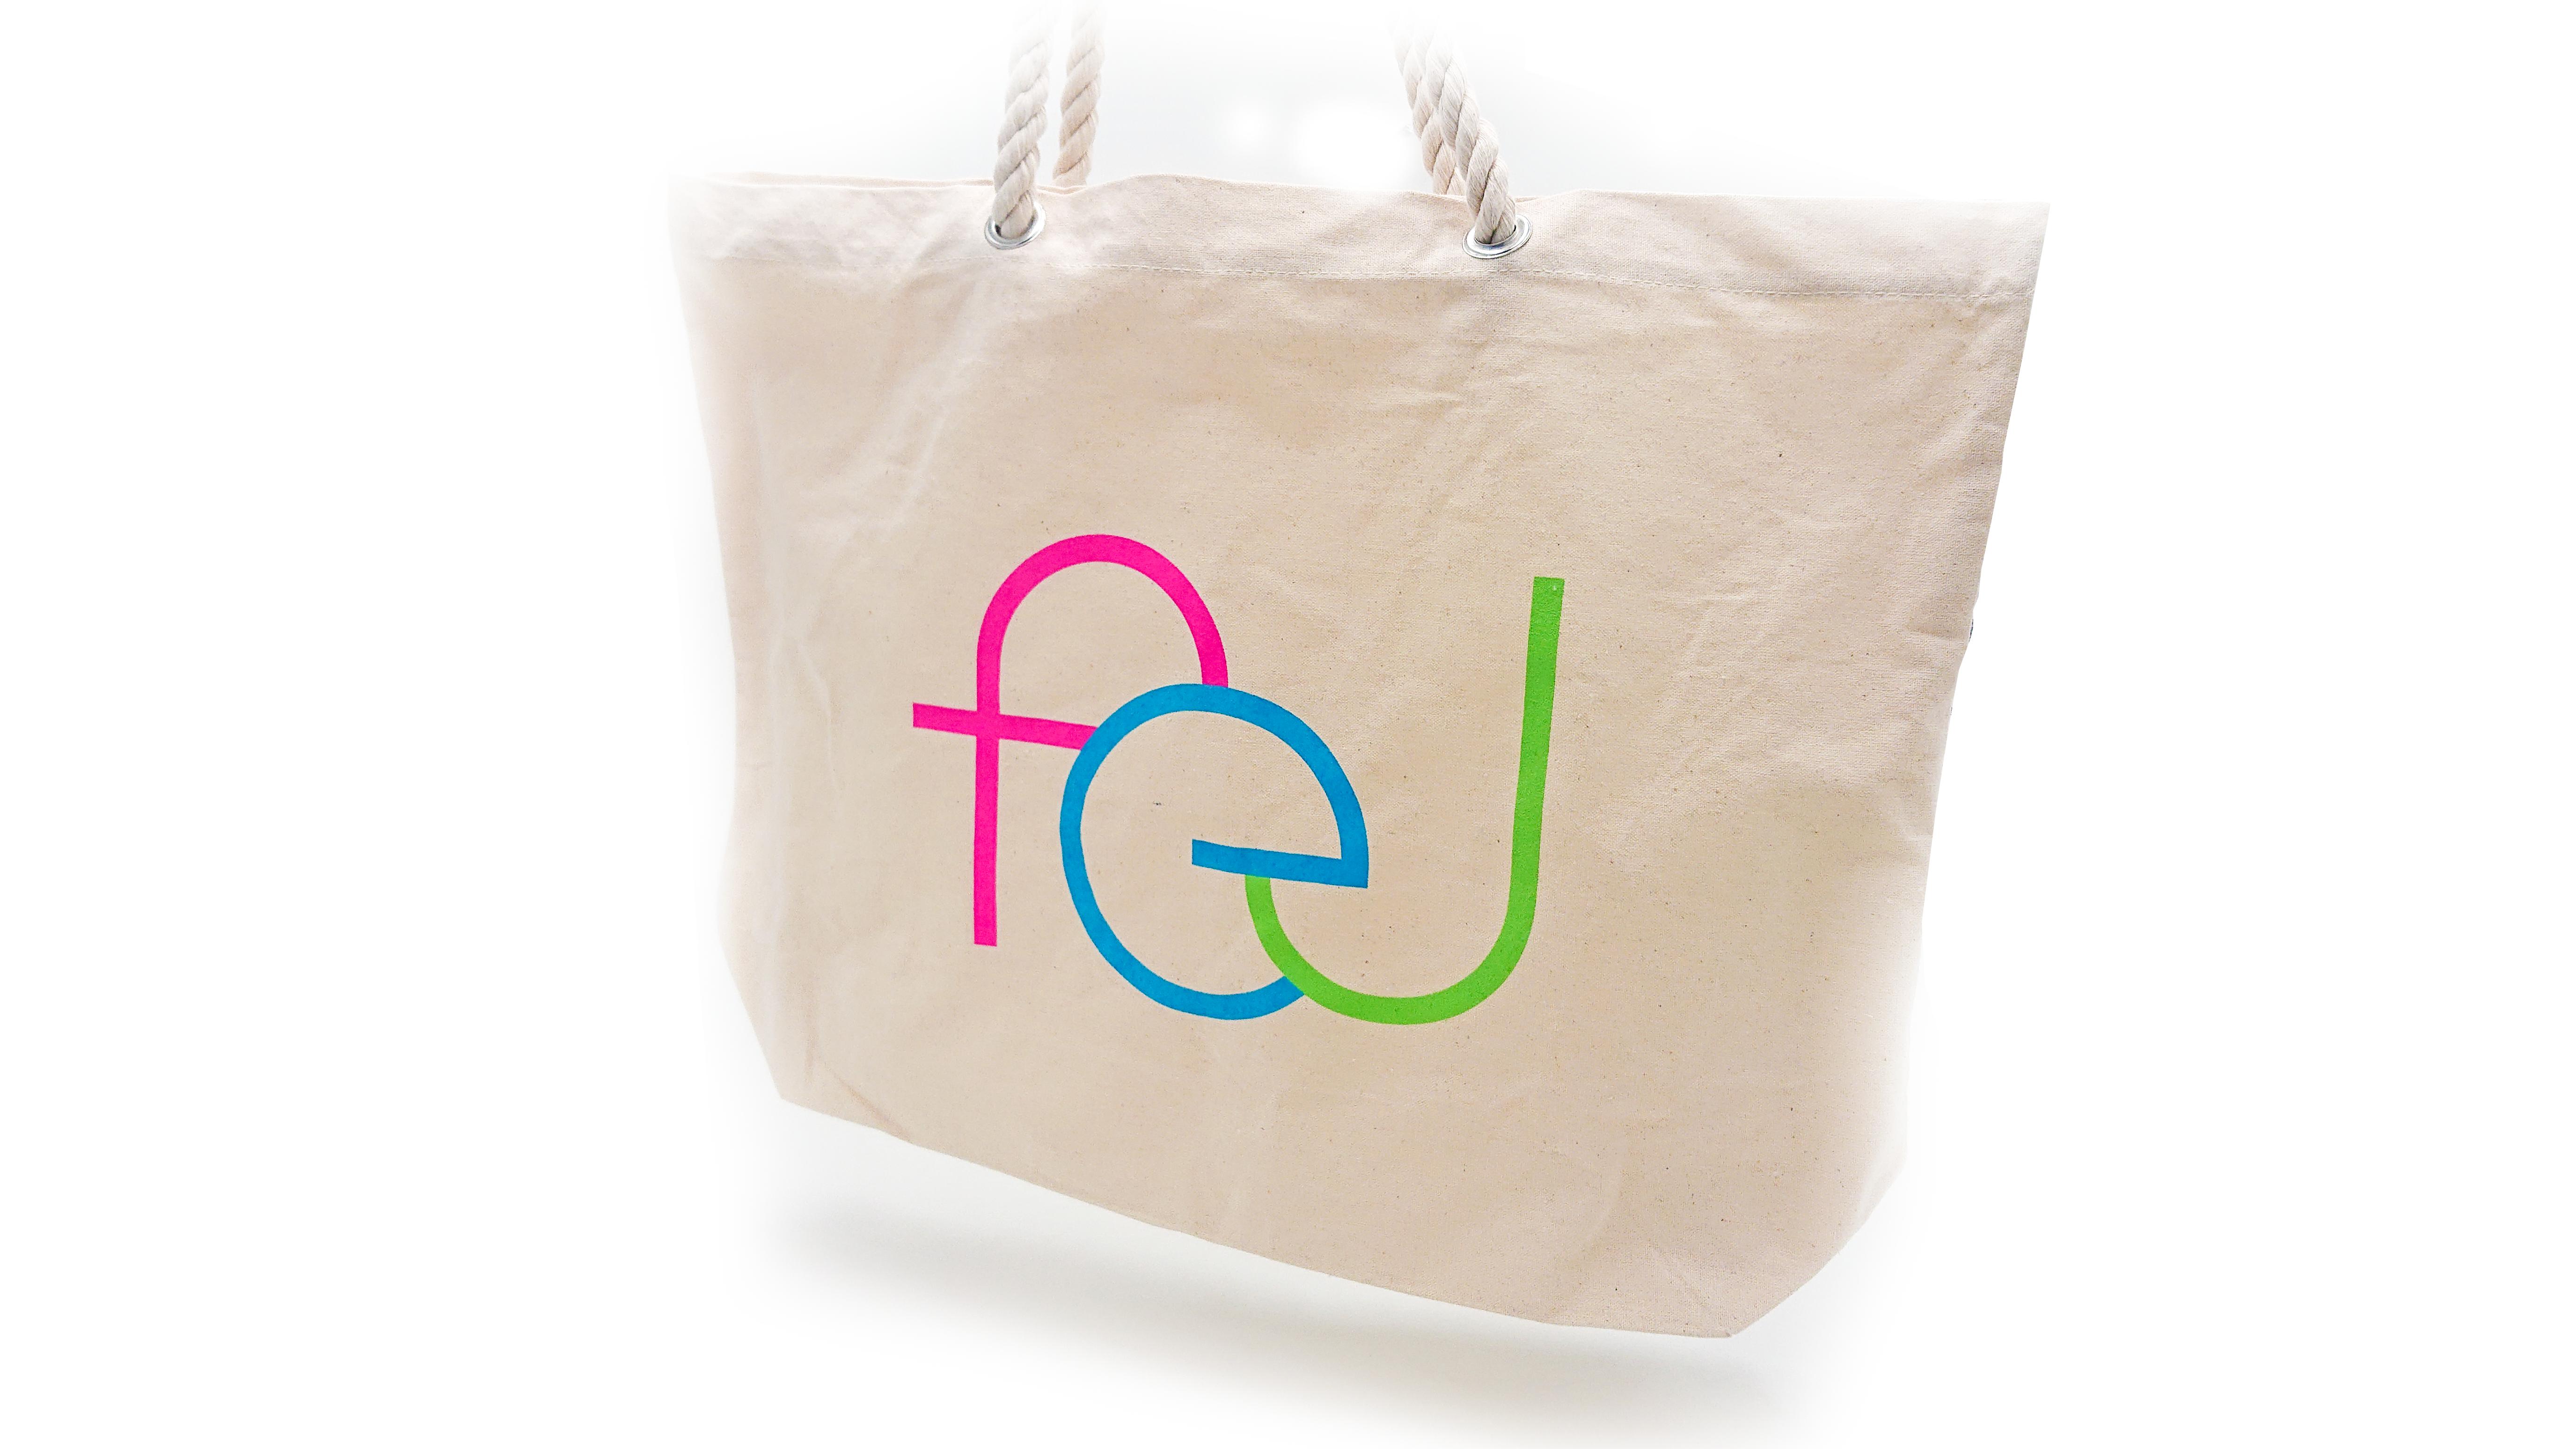 Totebag FEJ - Sacs & Emballages